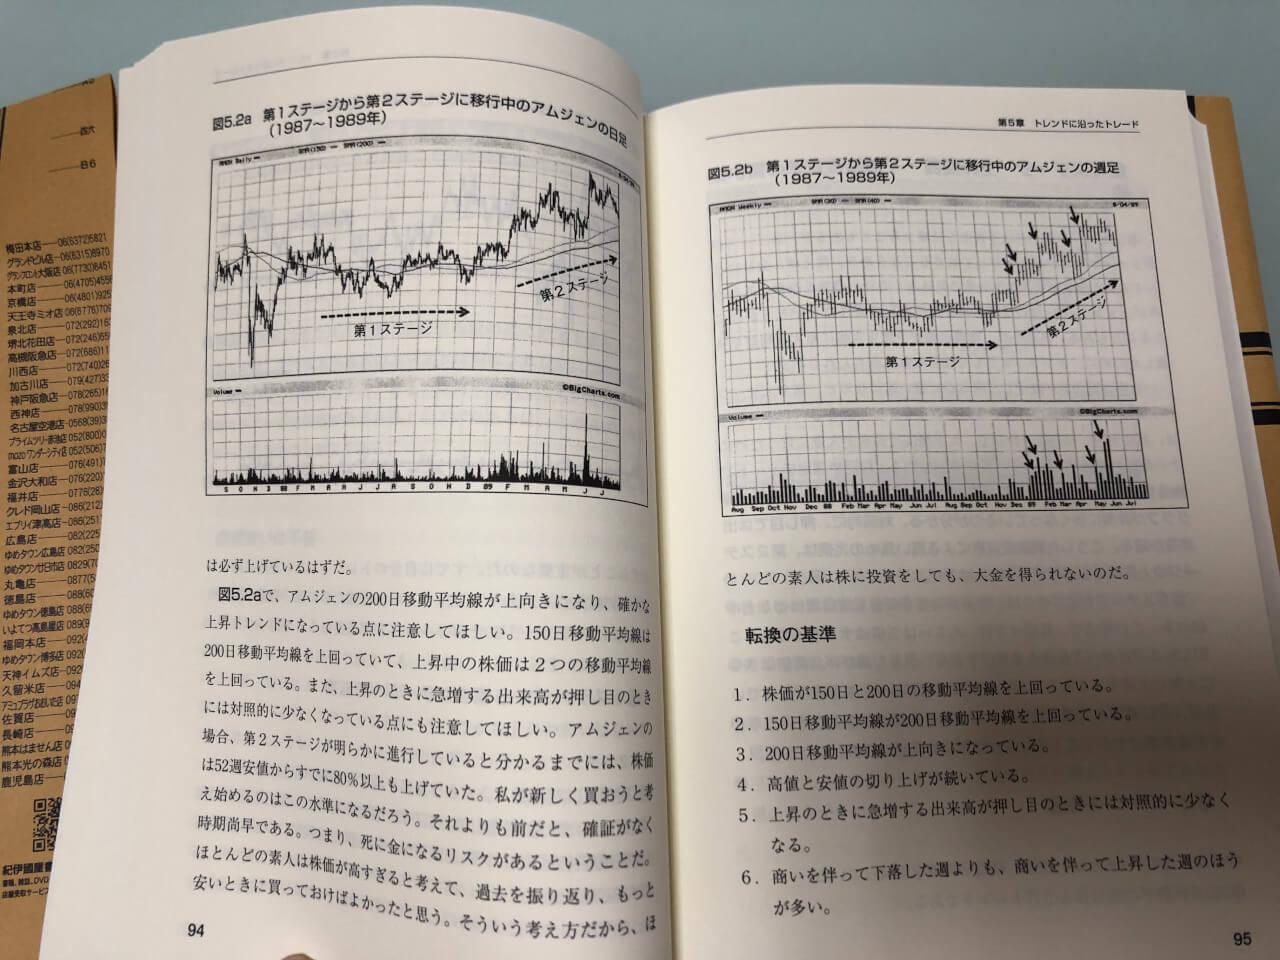 マーク・ミネルヴィニの成長株投資法